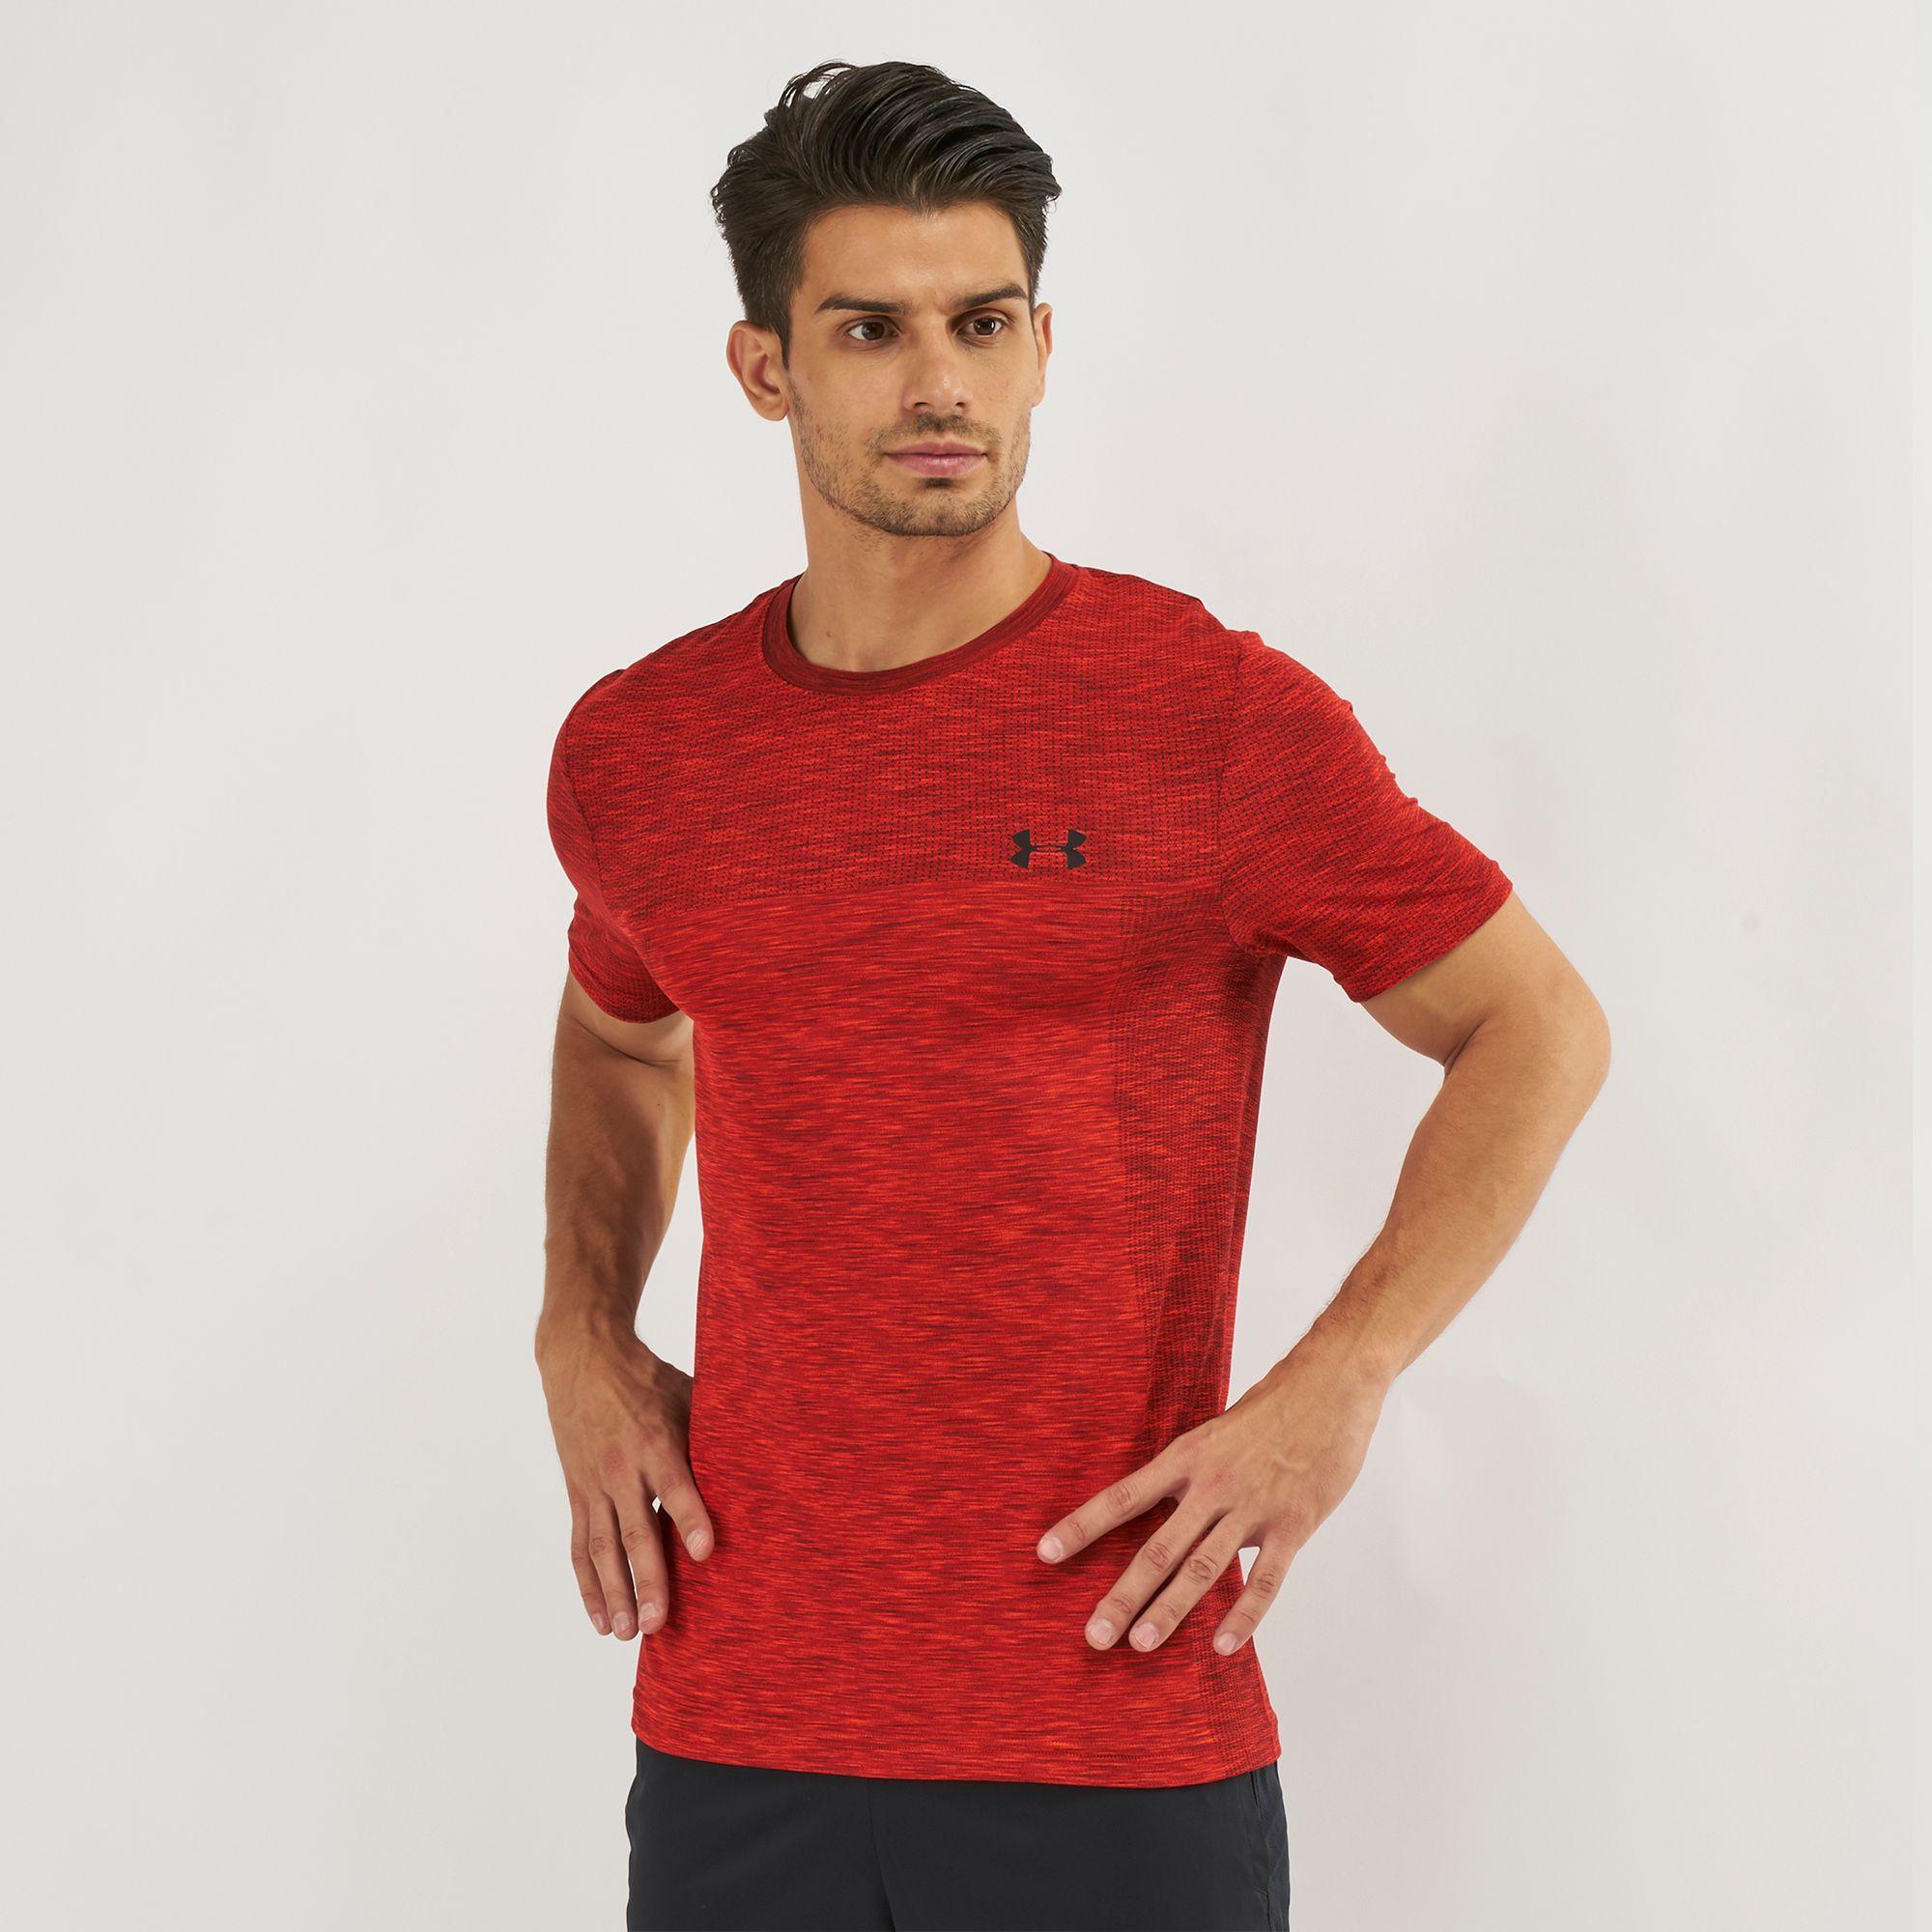 variedad de diseños y colores disfruta de precio barato servicio duradero Buy Under Armour Threadborne Siphon T-Shirt Online in Dubai, UAE | SSS